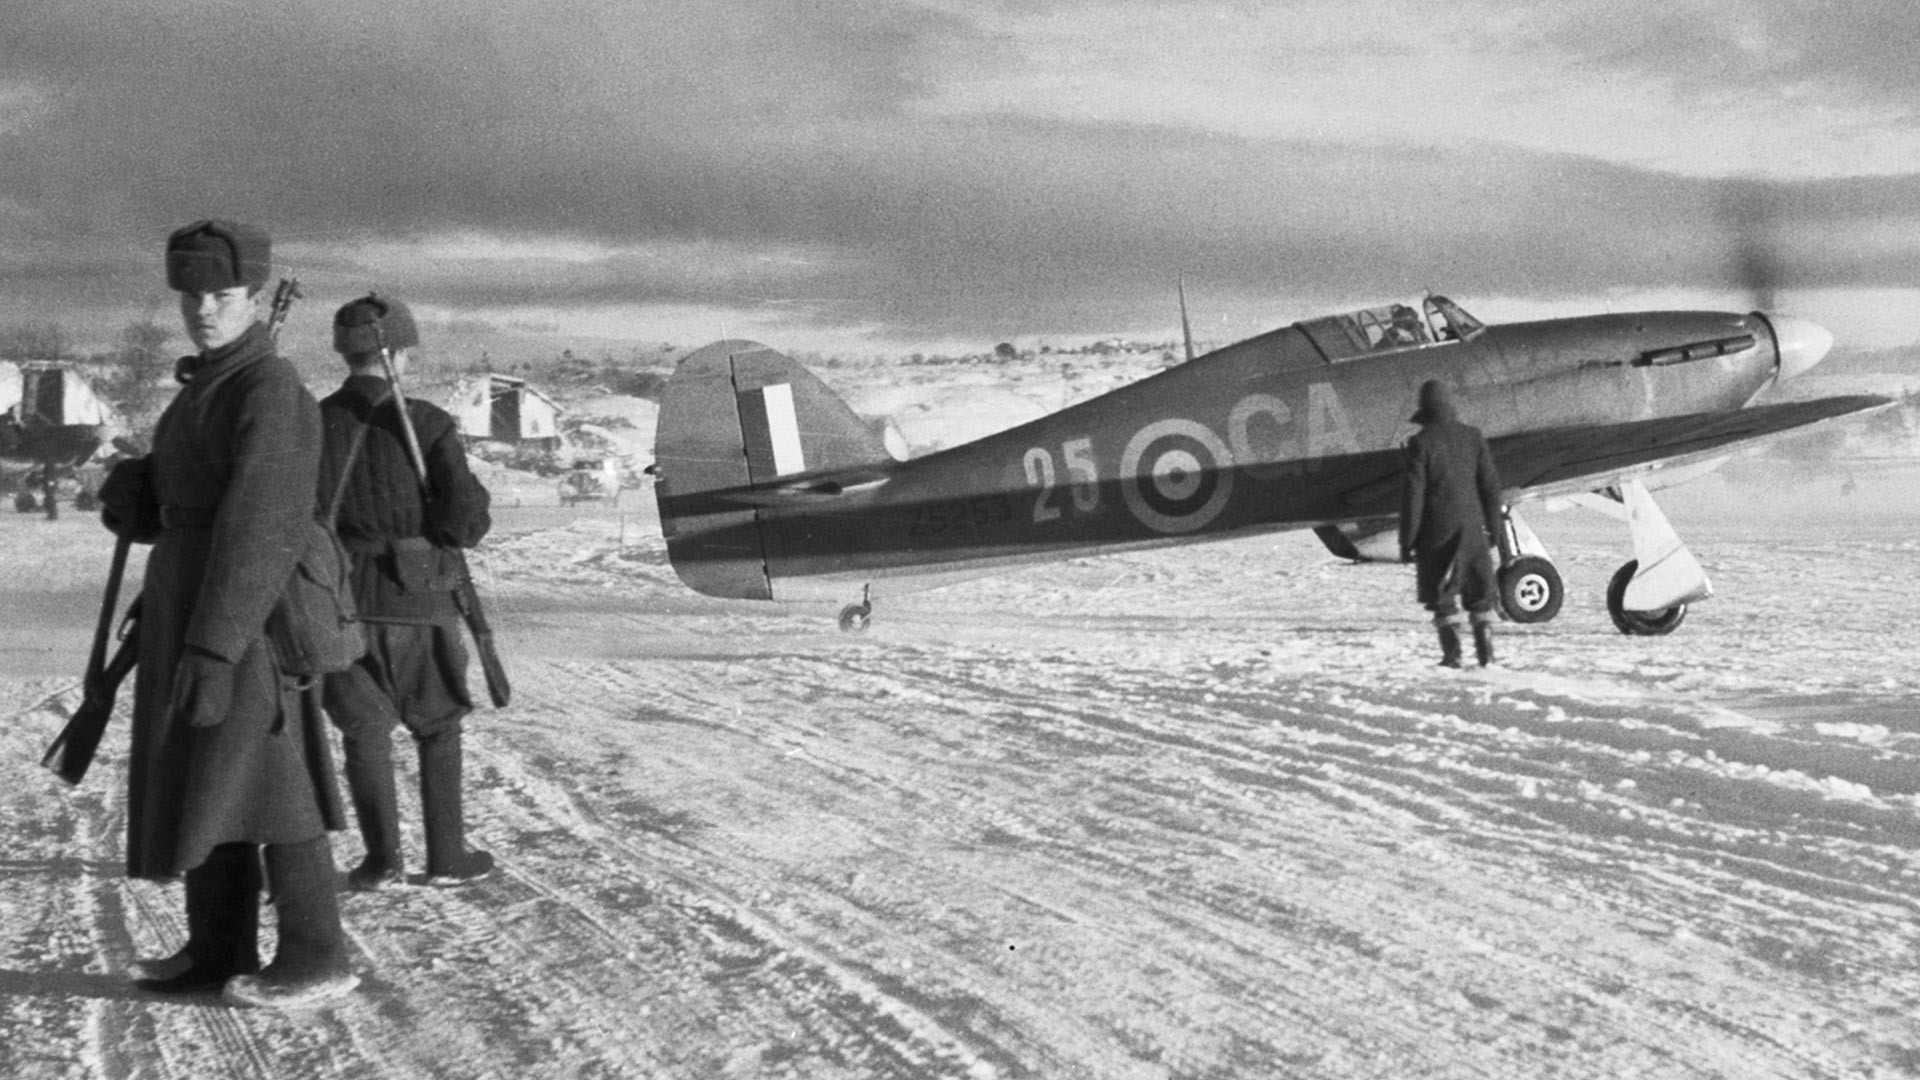 Ловац Hawker Hurricane Mark IIB, Z5253 'GA-25' из 134. ескадриле Ратног ваздухопловства САД пролази поред руских стражара у Ваенги, октобар 1941.